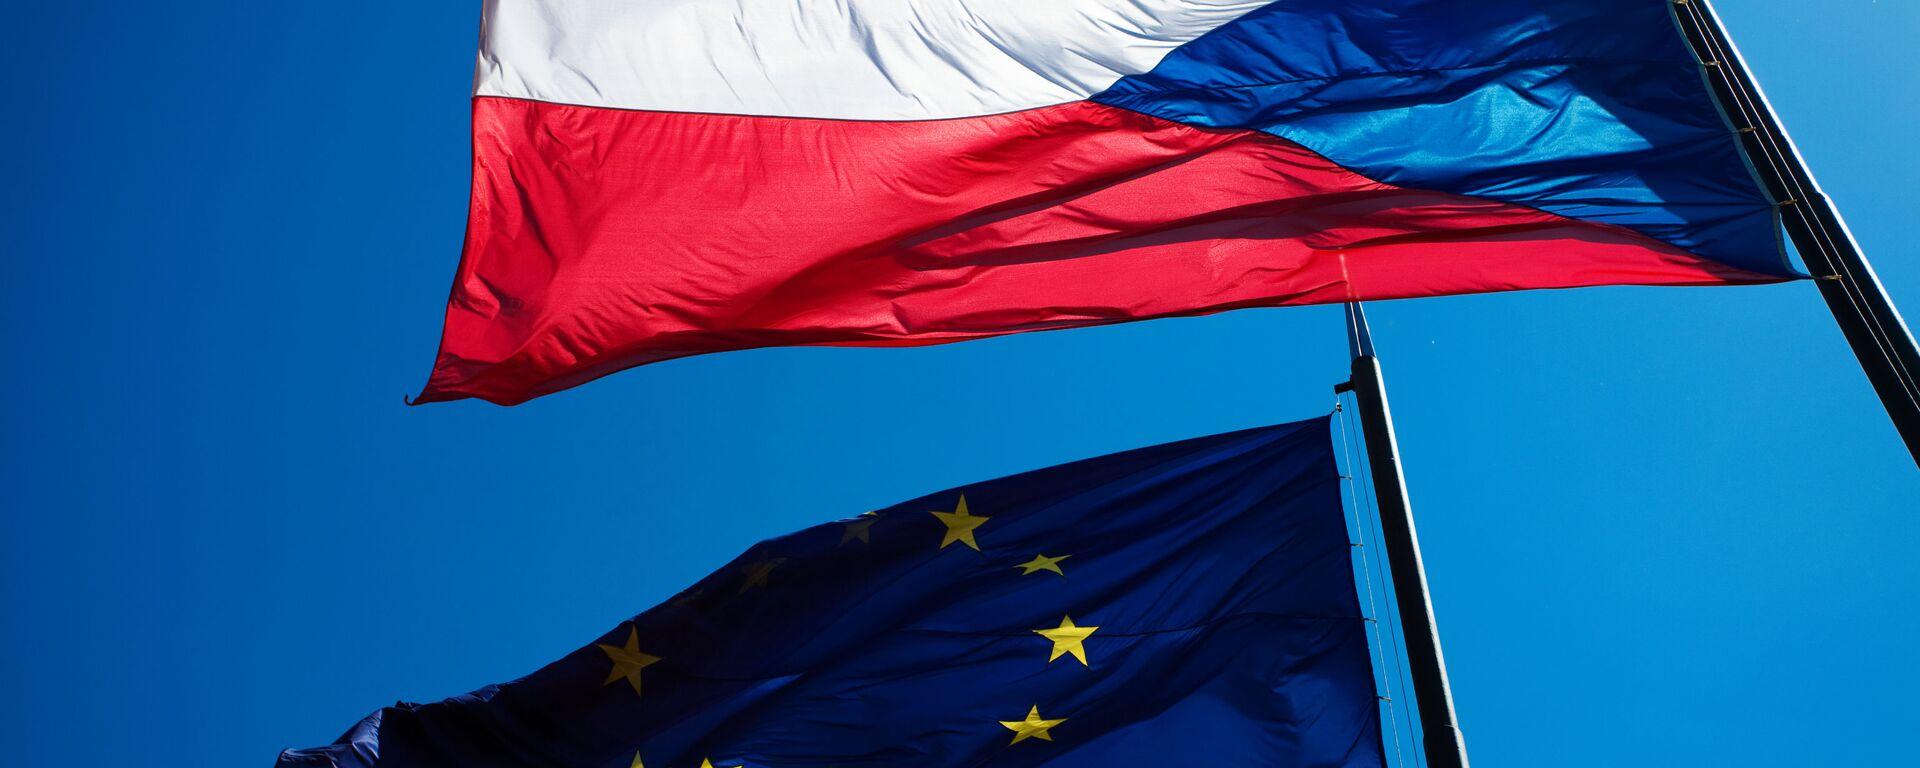 Vlajky EU a České republiky - Sputnik Česká republika, 1920, 20.07.2020